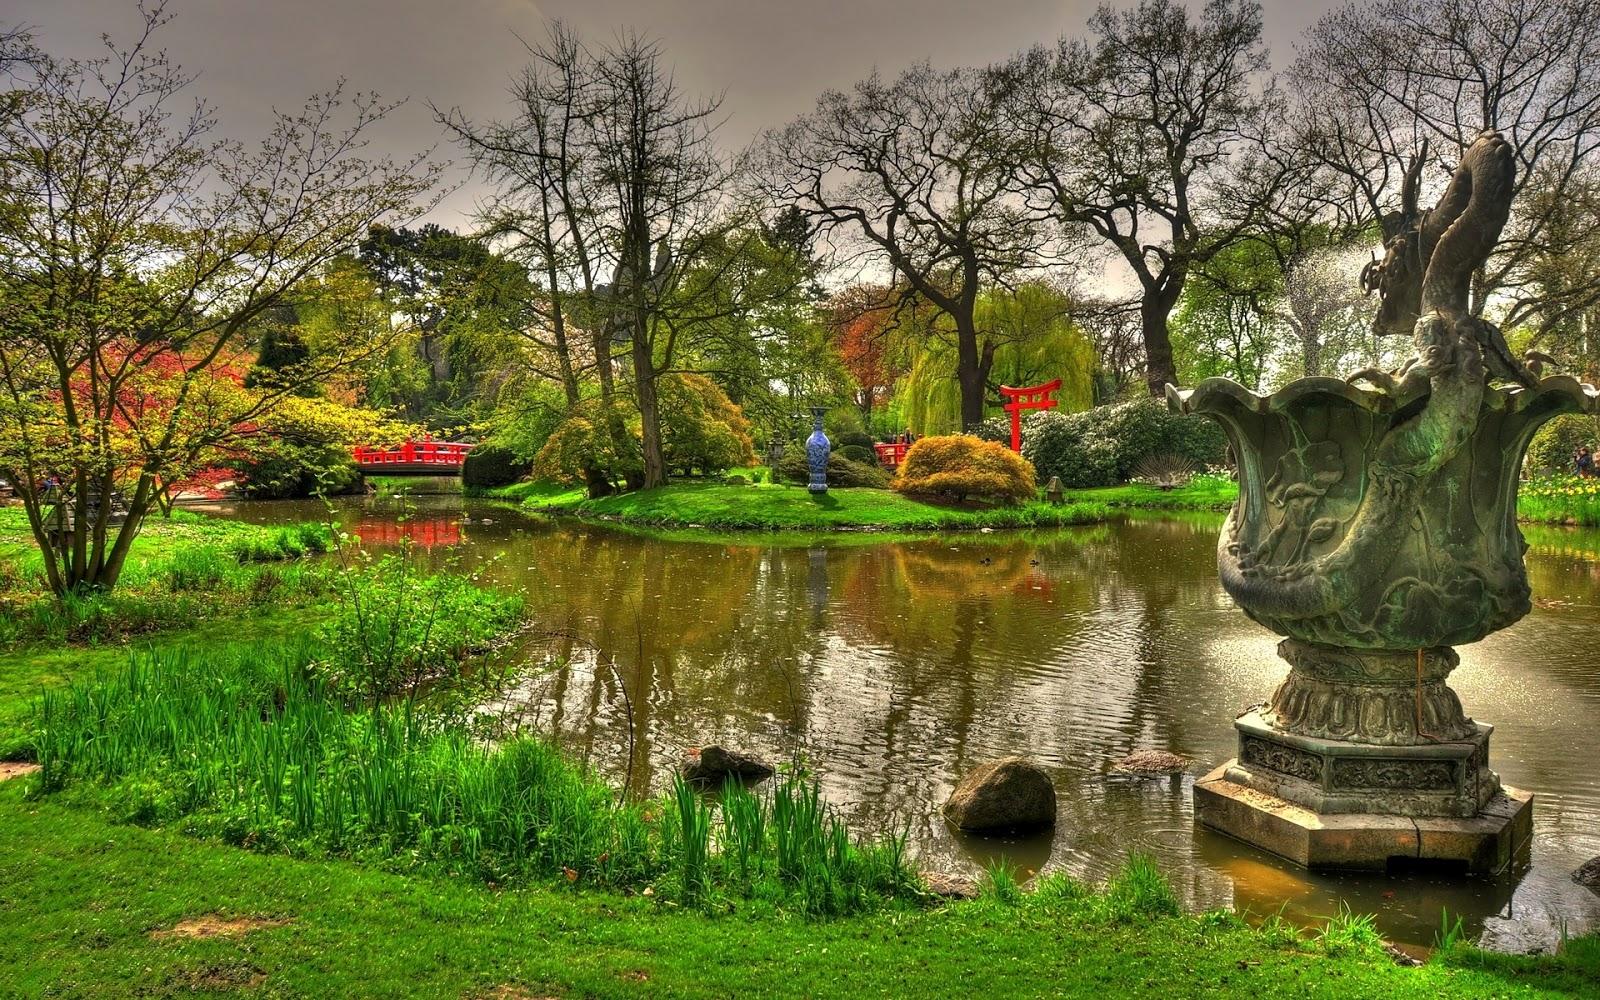 Tuin met vijver en beelden hd wallpapers for Tuin en vijver